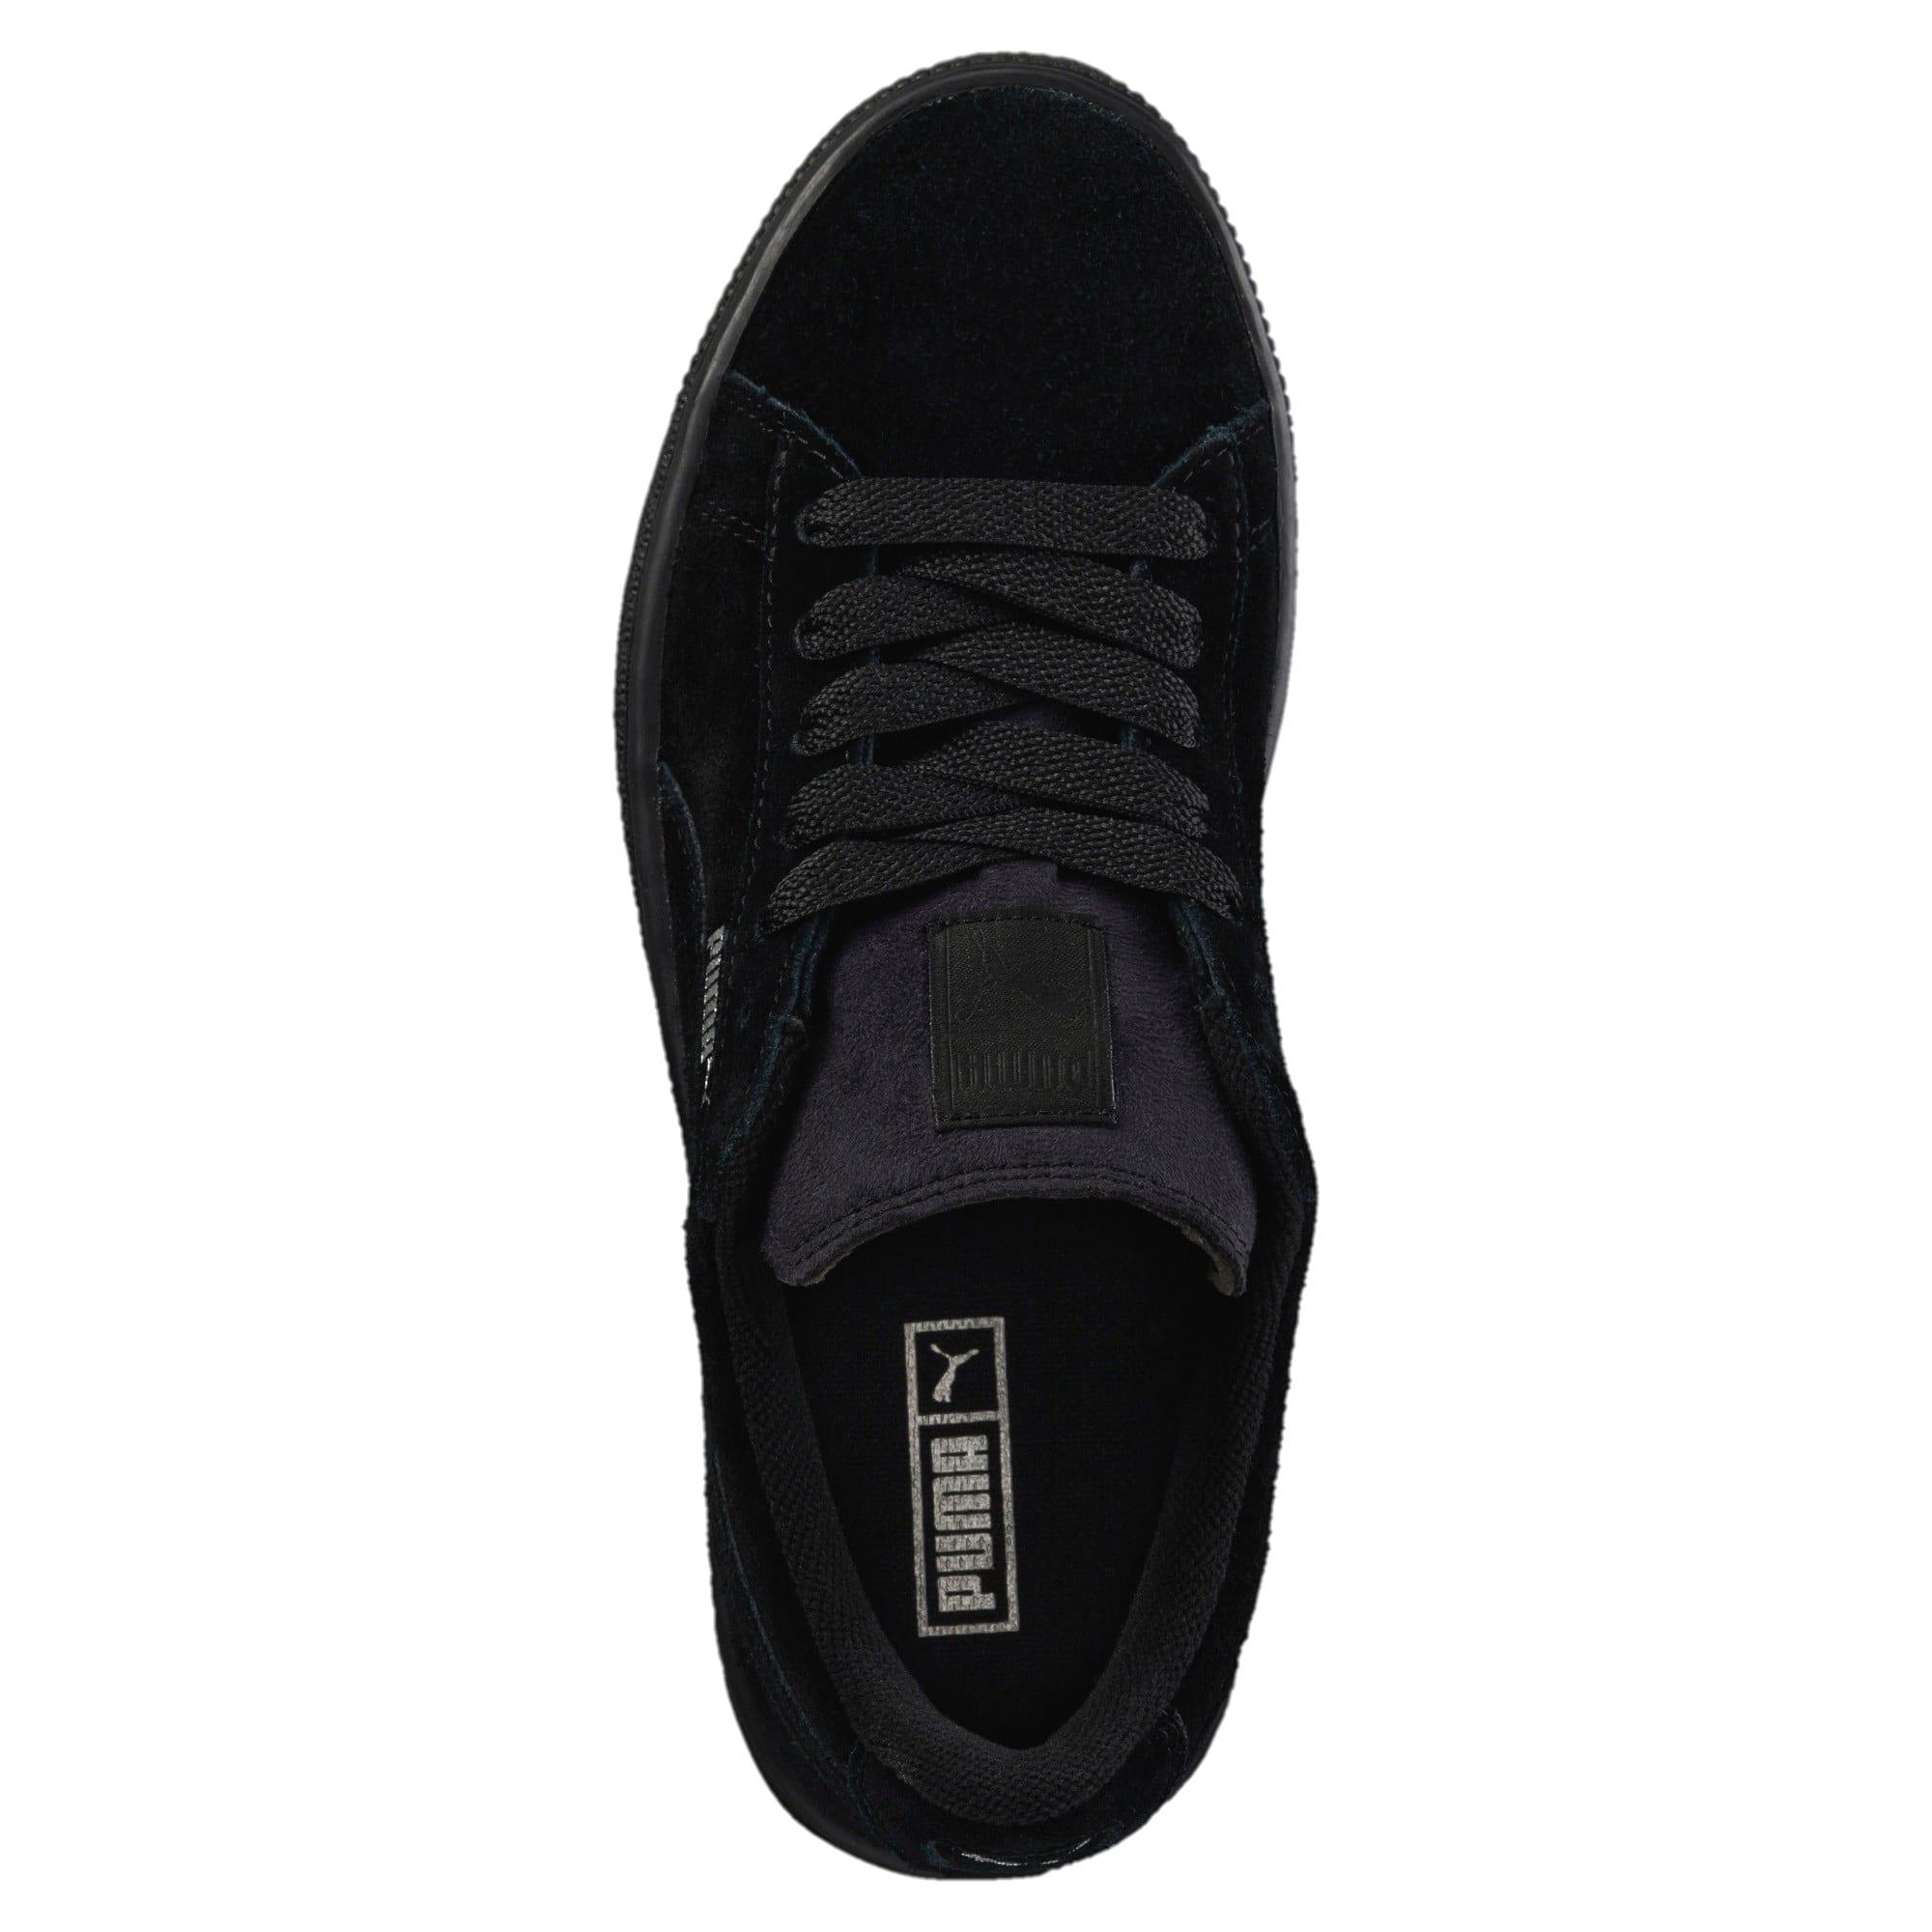 Miniatura 5 de Zapatos deportivos Suede para JR, black-puma silver, mediano